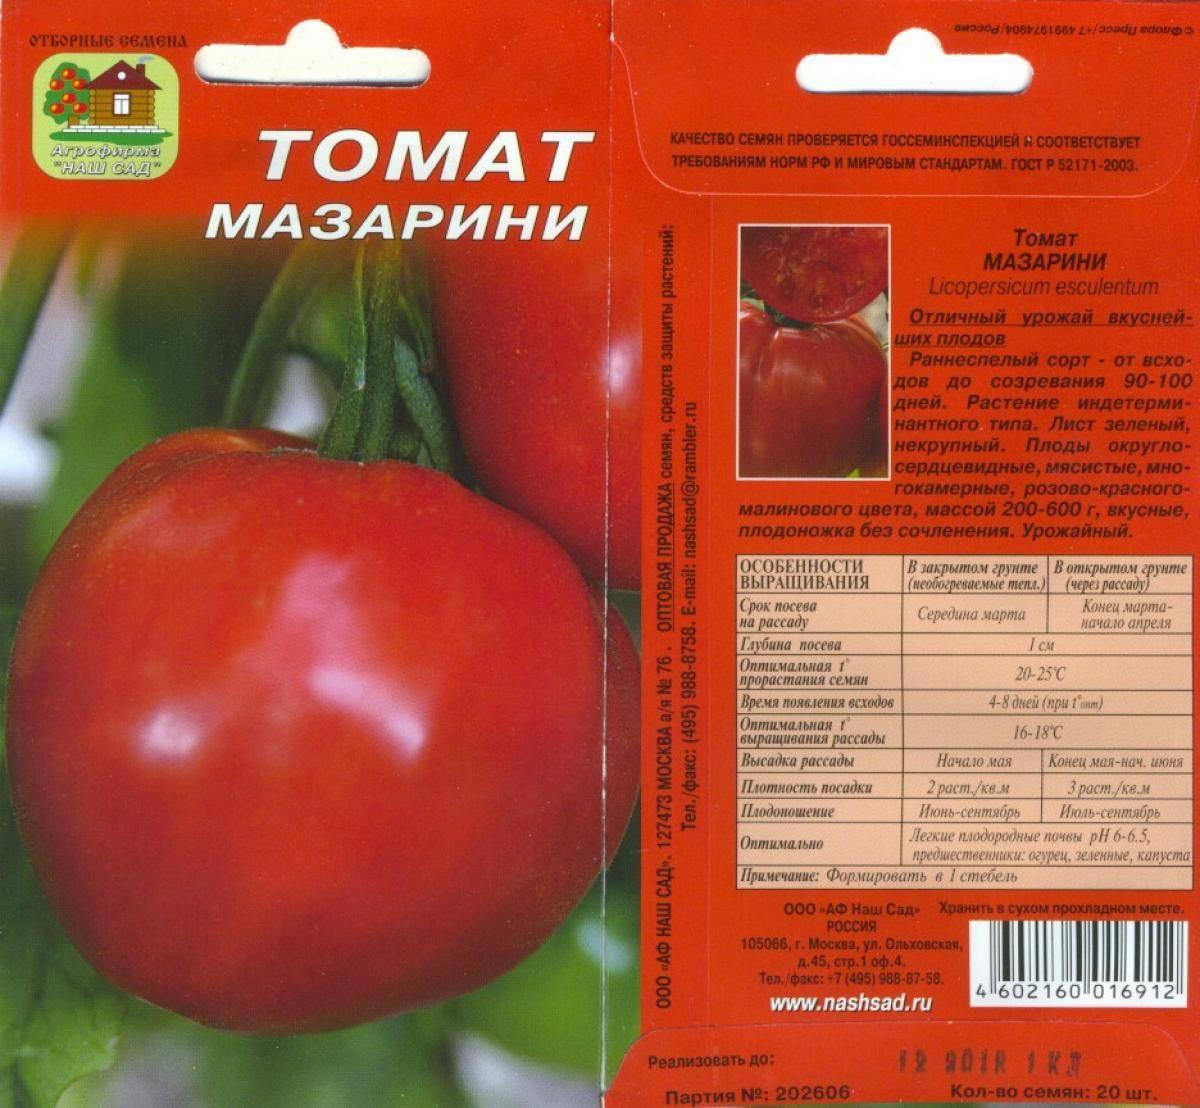 моим помощником томат мазарини описание сорта фото отзывы может показаться, будто